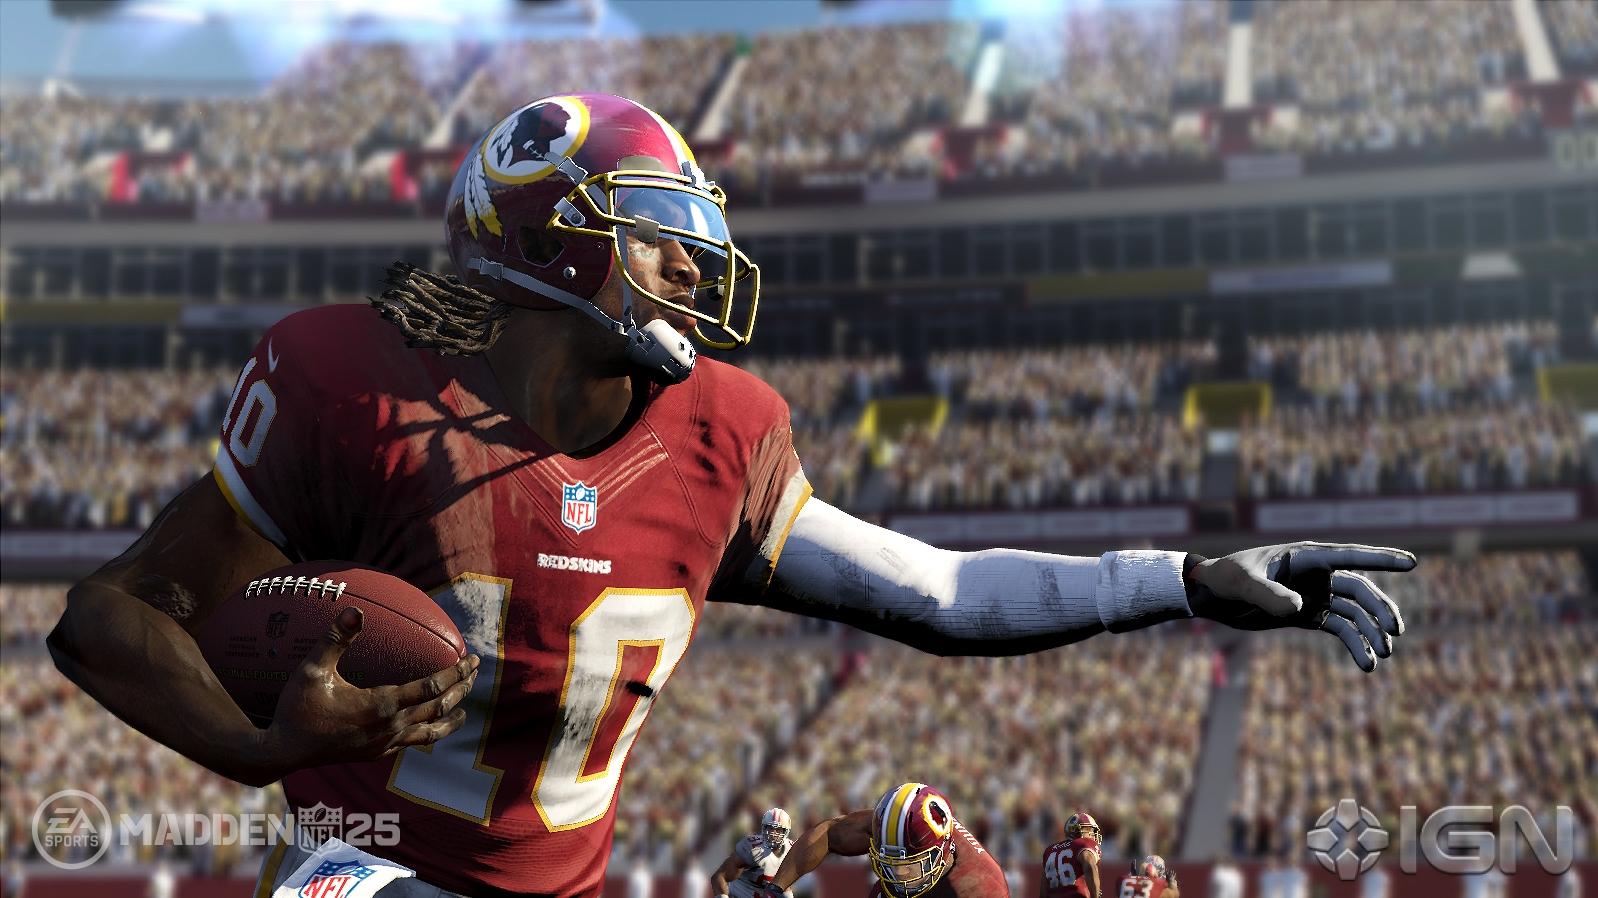 Download Madden NFL 99 Jeu Playstation Images vidos astuces et 1598x898